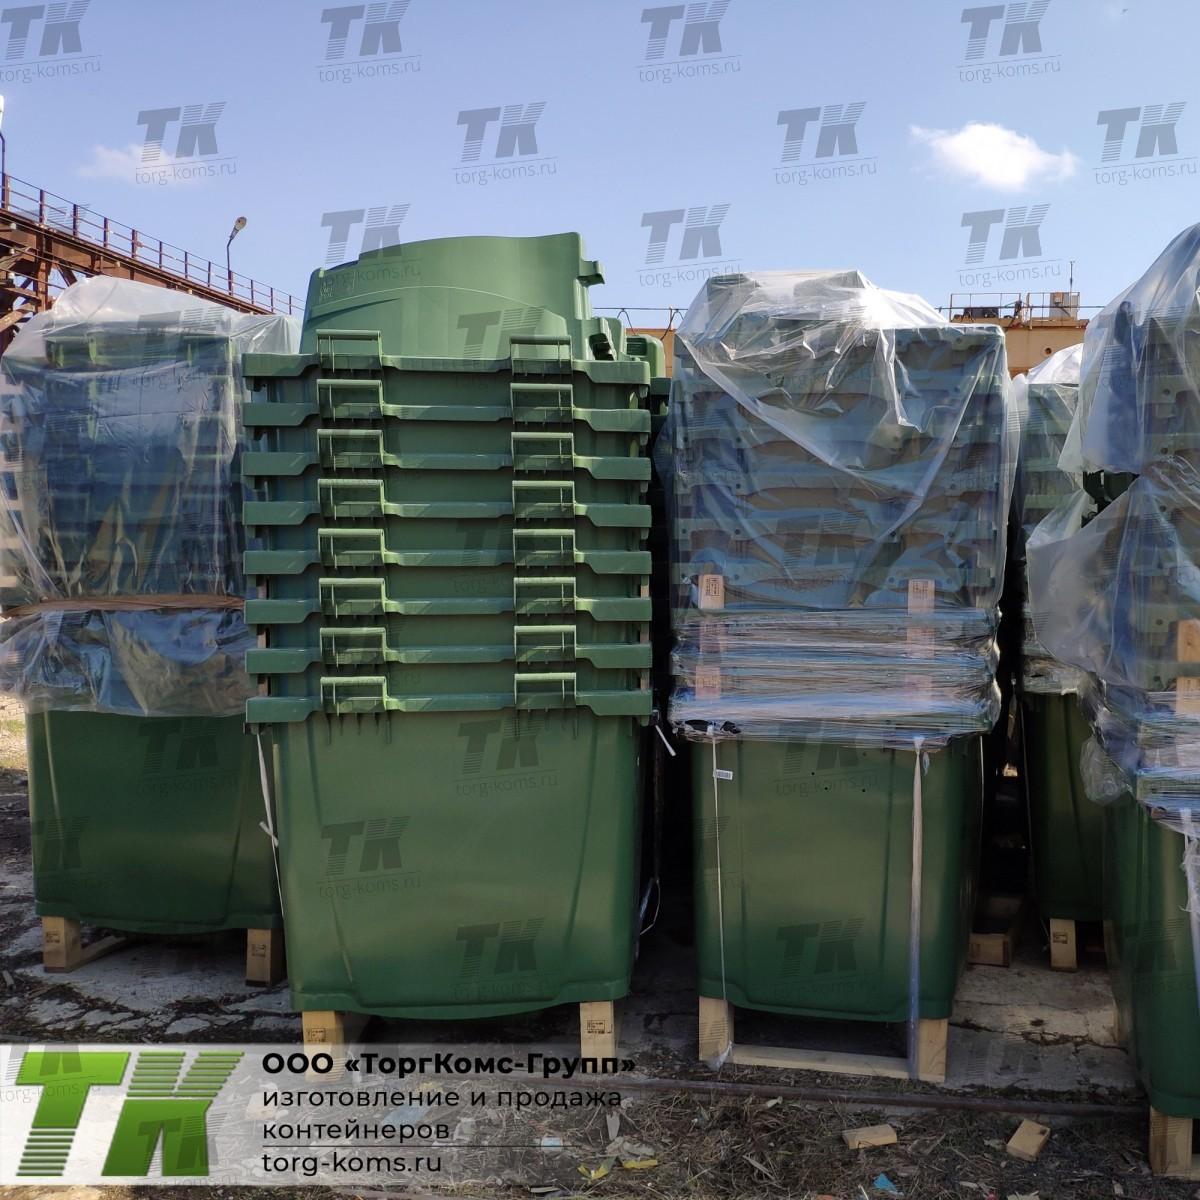 Серый бак пластиковый 1100 л для смещанных отходов